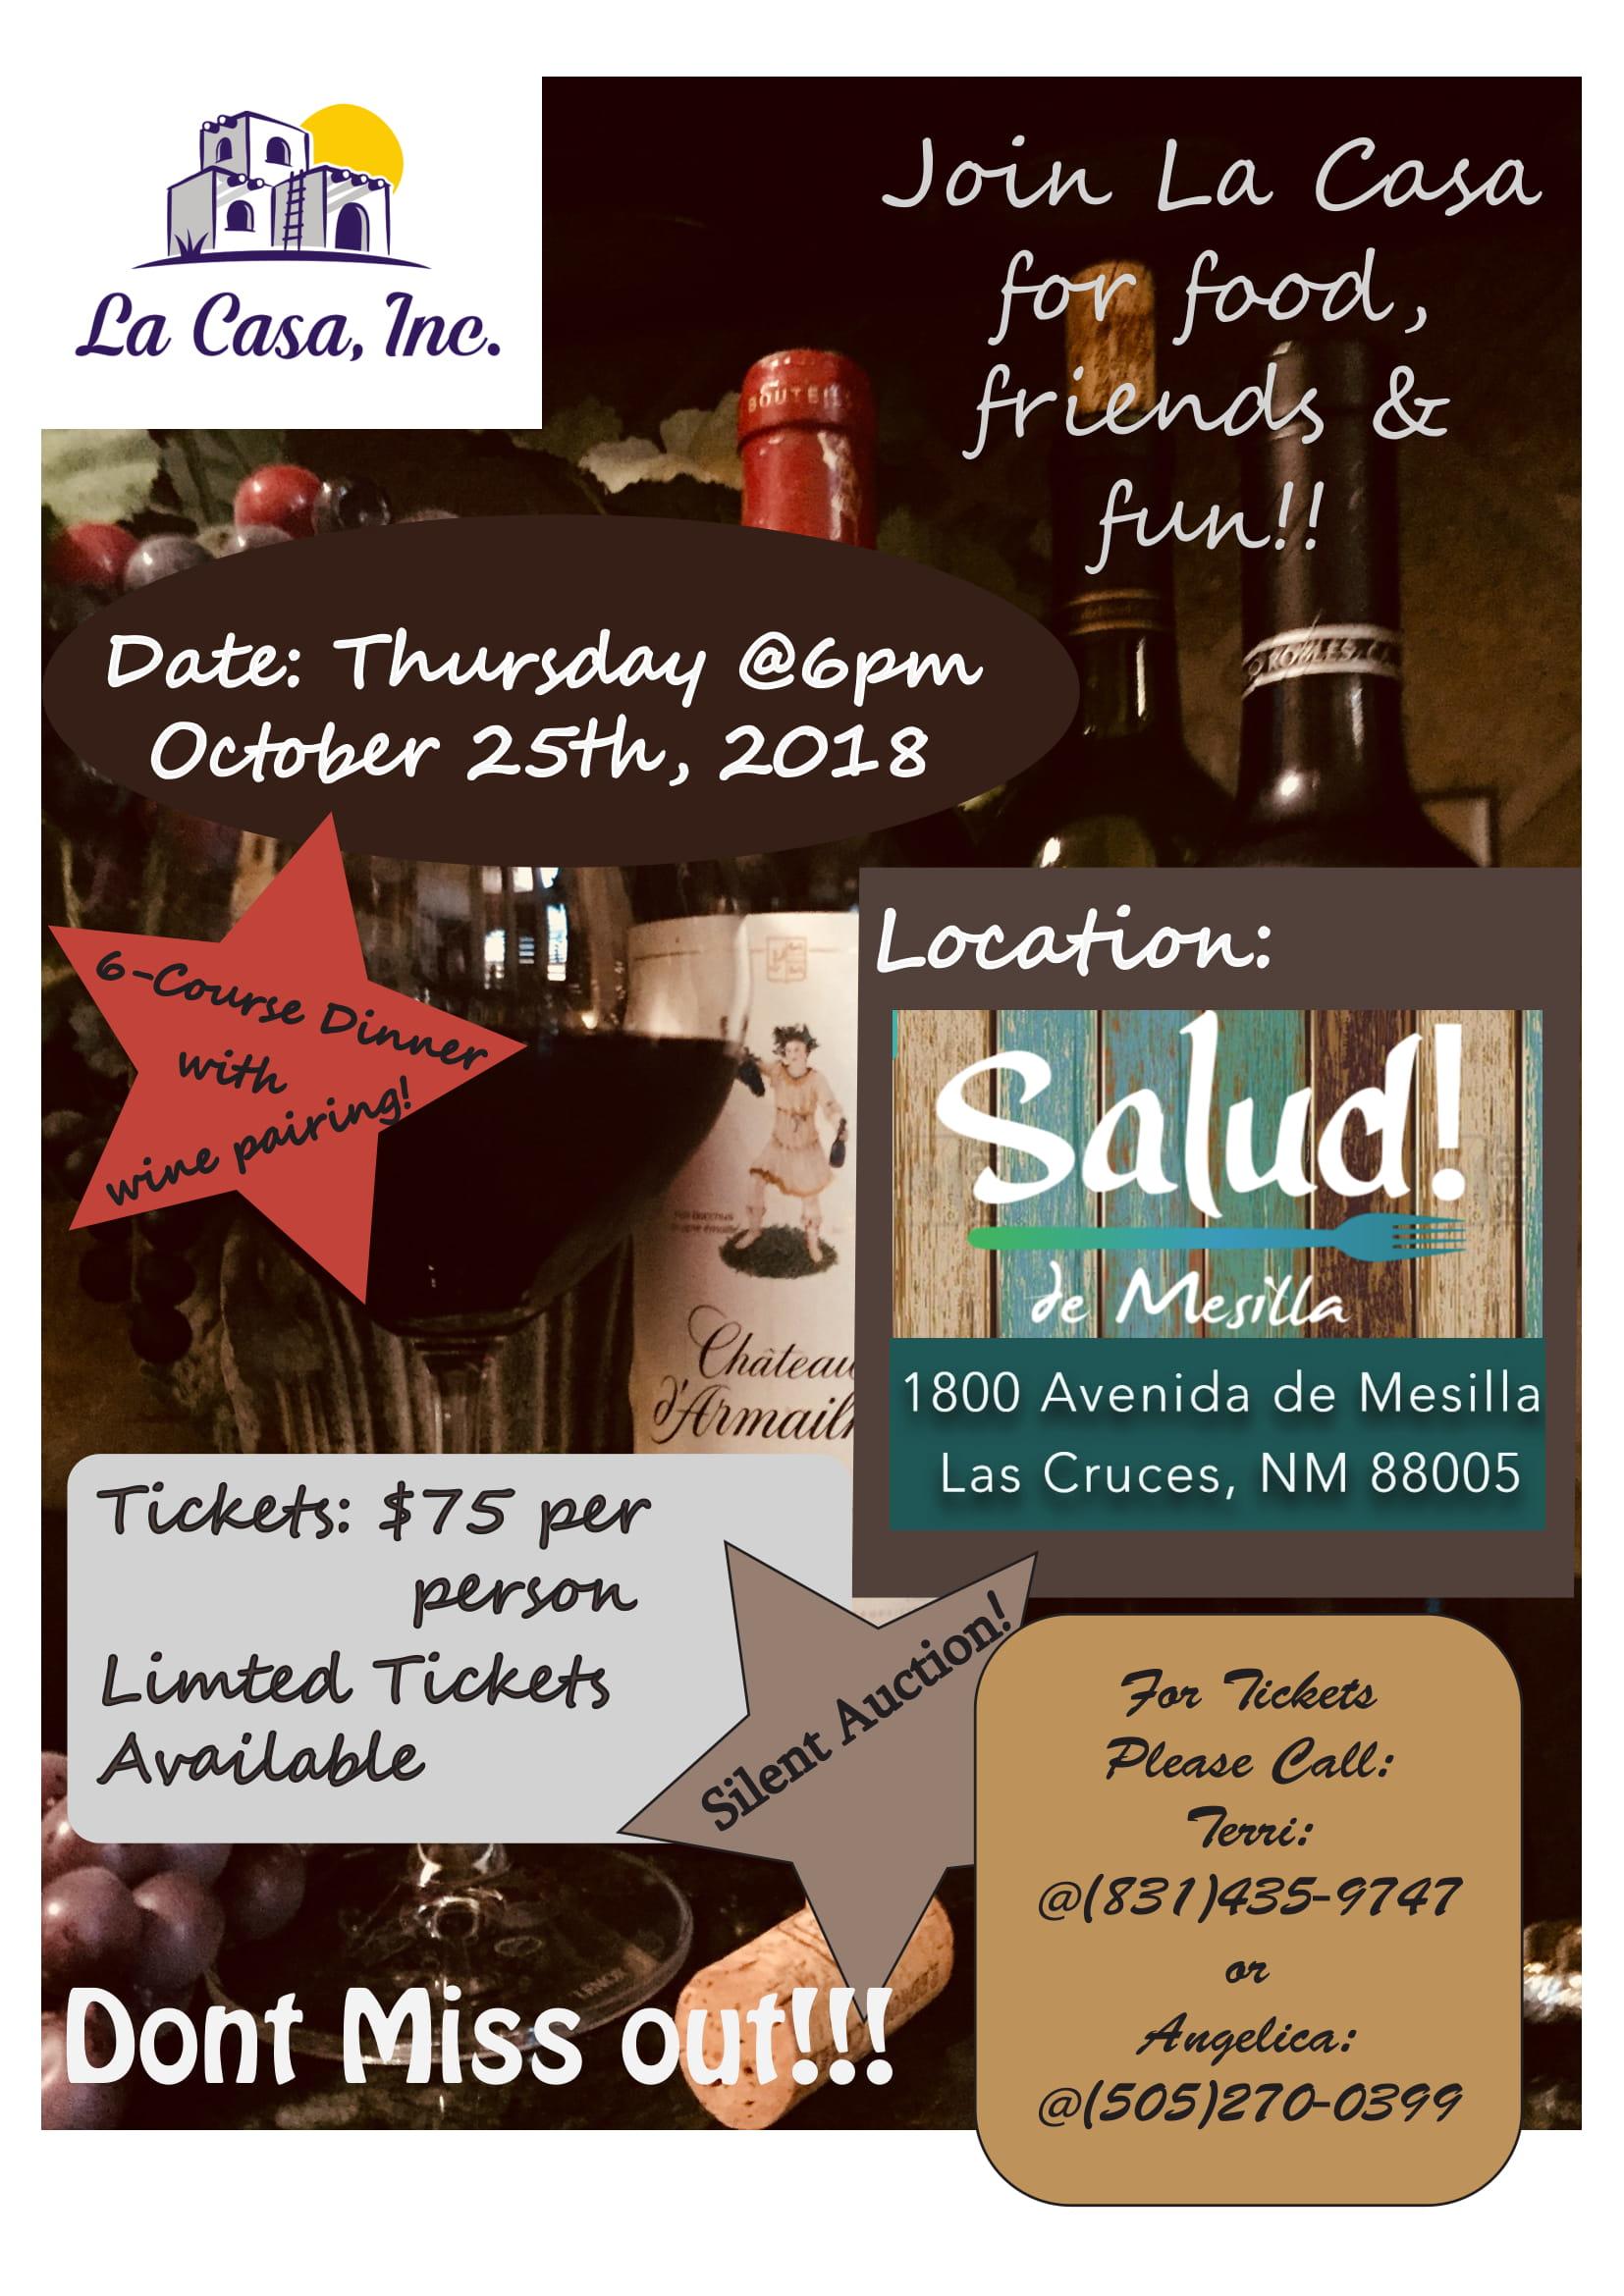 La Casa Wine and Dine Event Invite